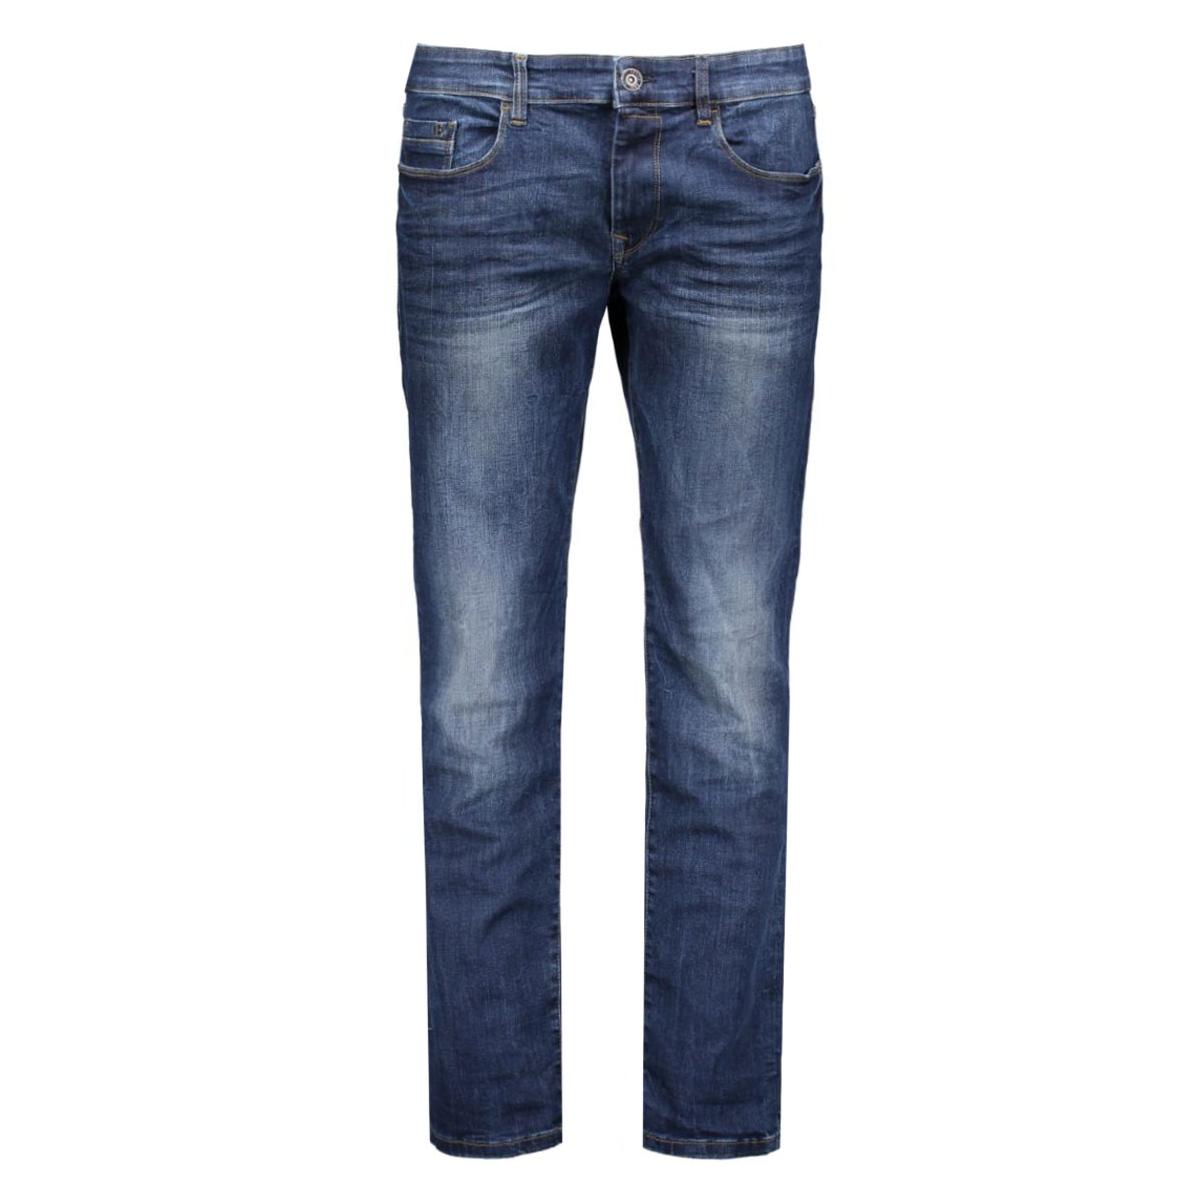 096ee2b015 esprit jeans e902